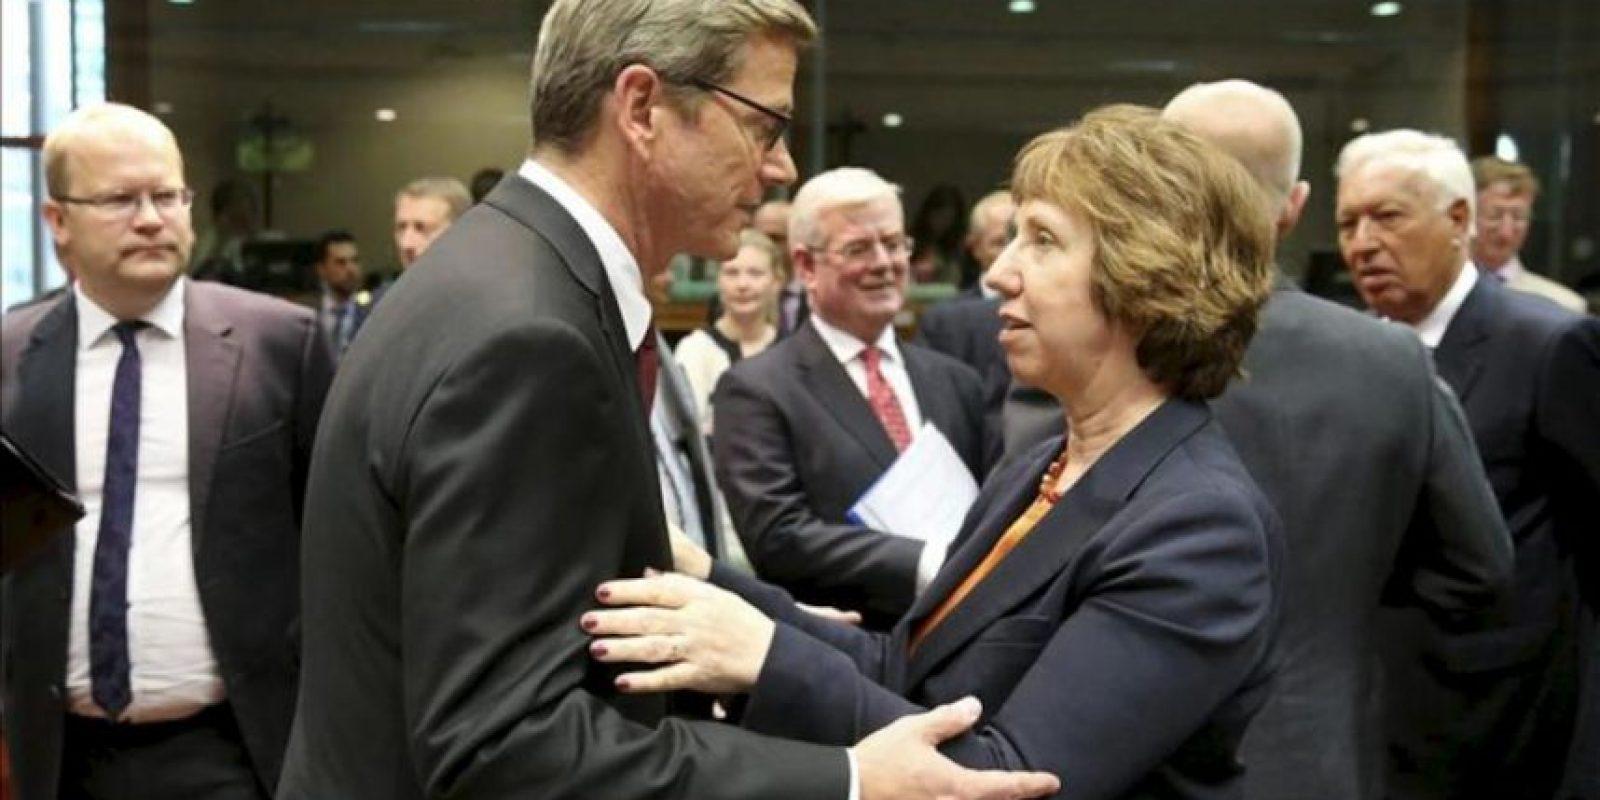 El ministro de Asuntos Exteriores alemán, Guido Westerwelle (c-izq), conversa con la jefa de la diplomacia europea, Catherine Ashton (c-dcha), antes de la reunión de los ministros de Exteriores de la Unión Europea (UE) el 21 de agosto pasado, en Bruselas (Bélgica). EFE/Archivo